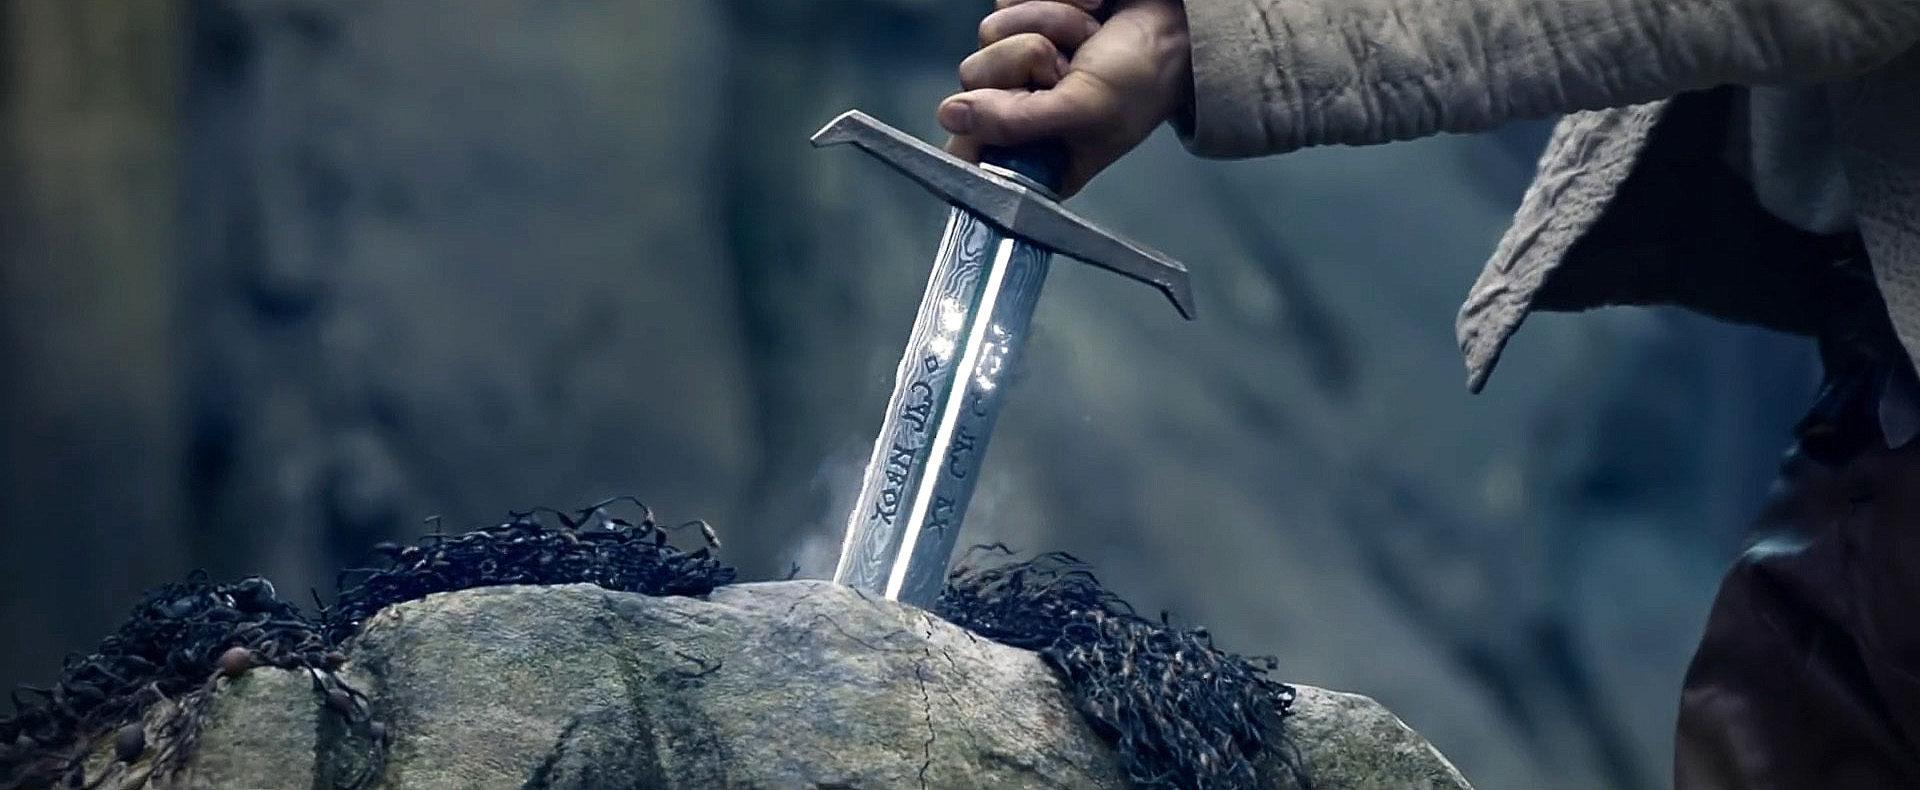 меч короля артура кадр 4